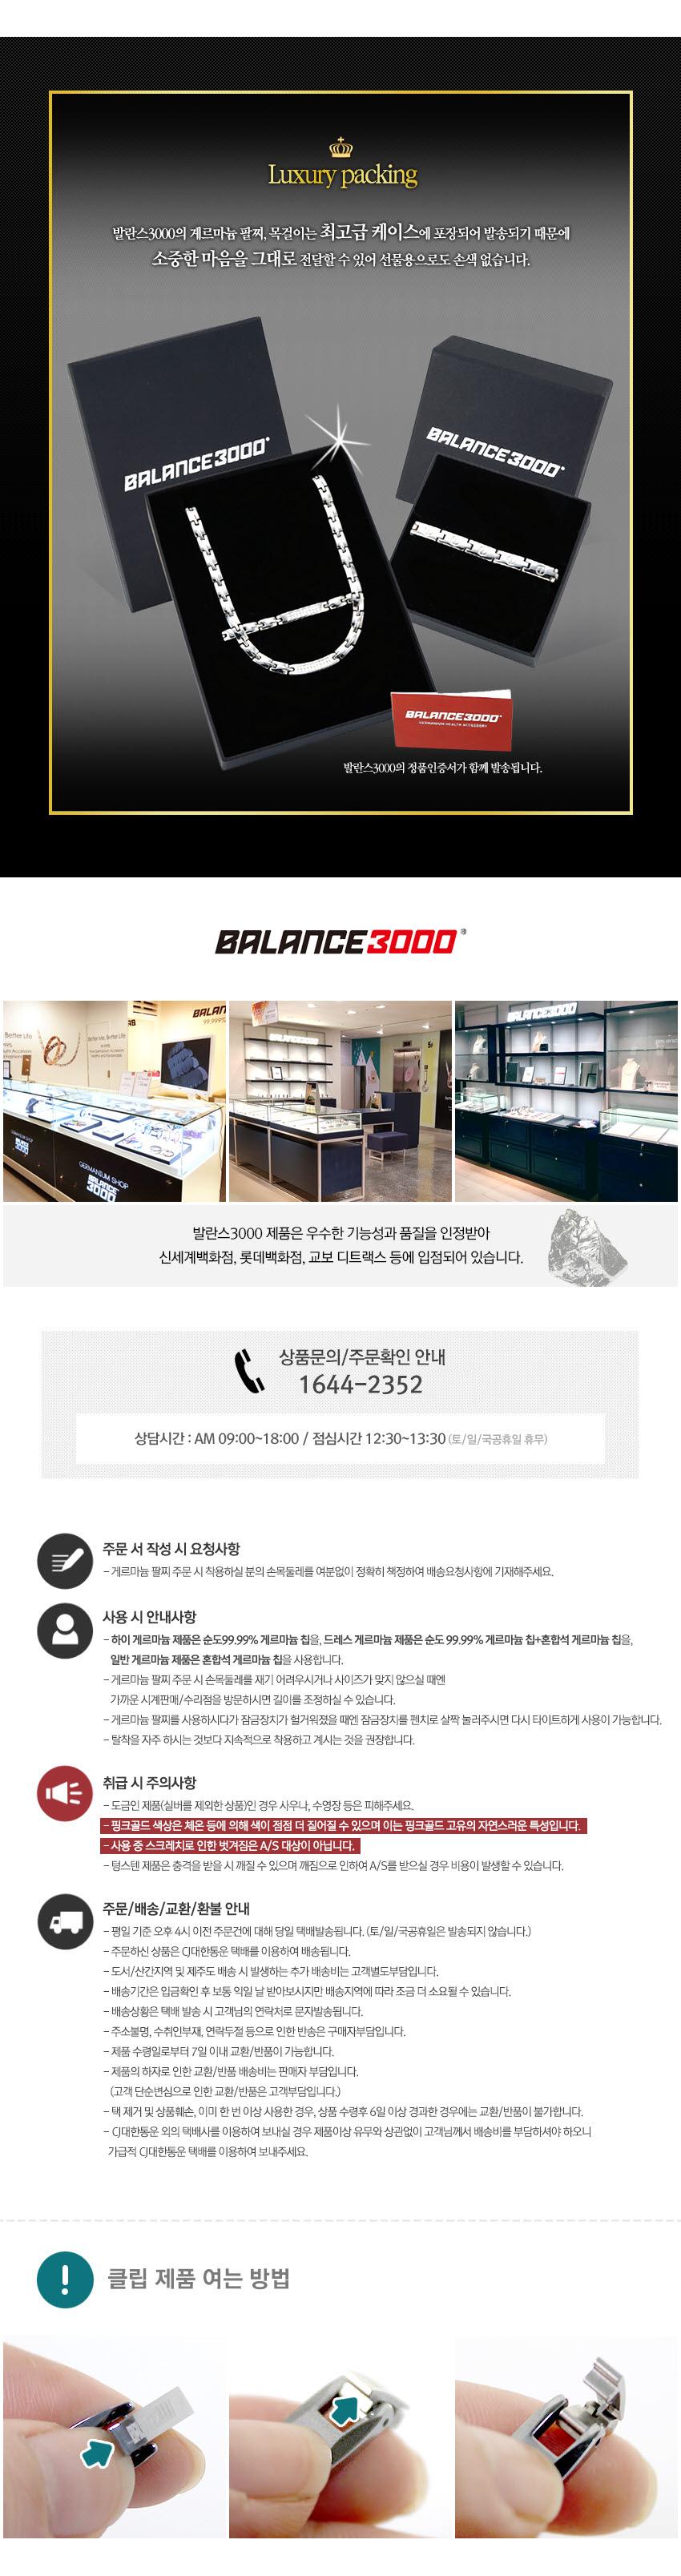 발란스3000 게르마늄 팔찌 목걸이 세트 모음 - 애비뉴기프트, 440,000원, 주얼리세트, 패션세트